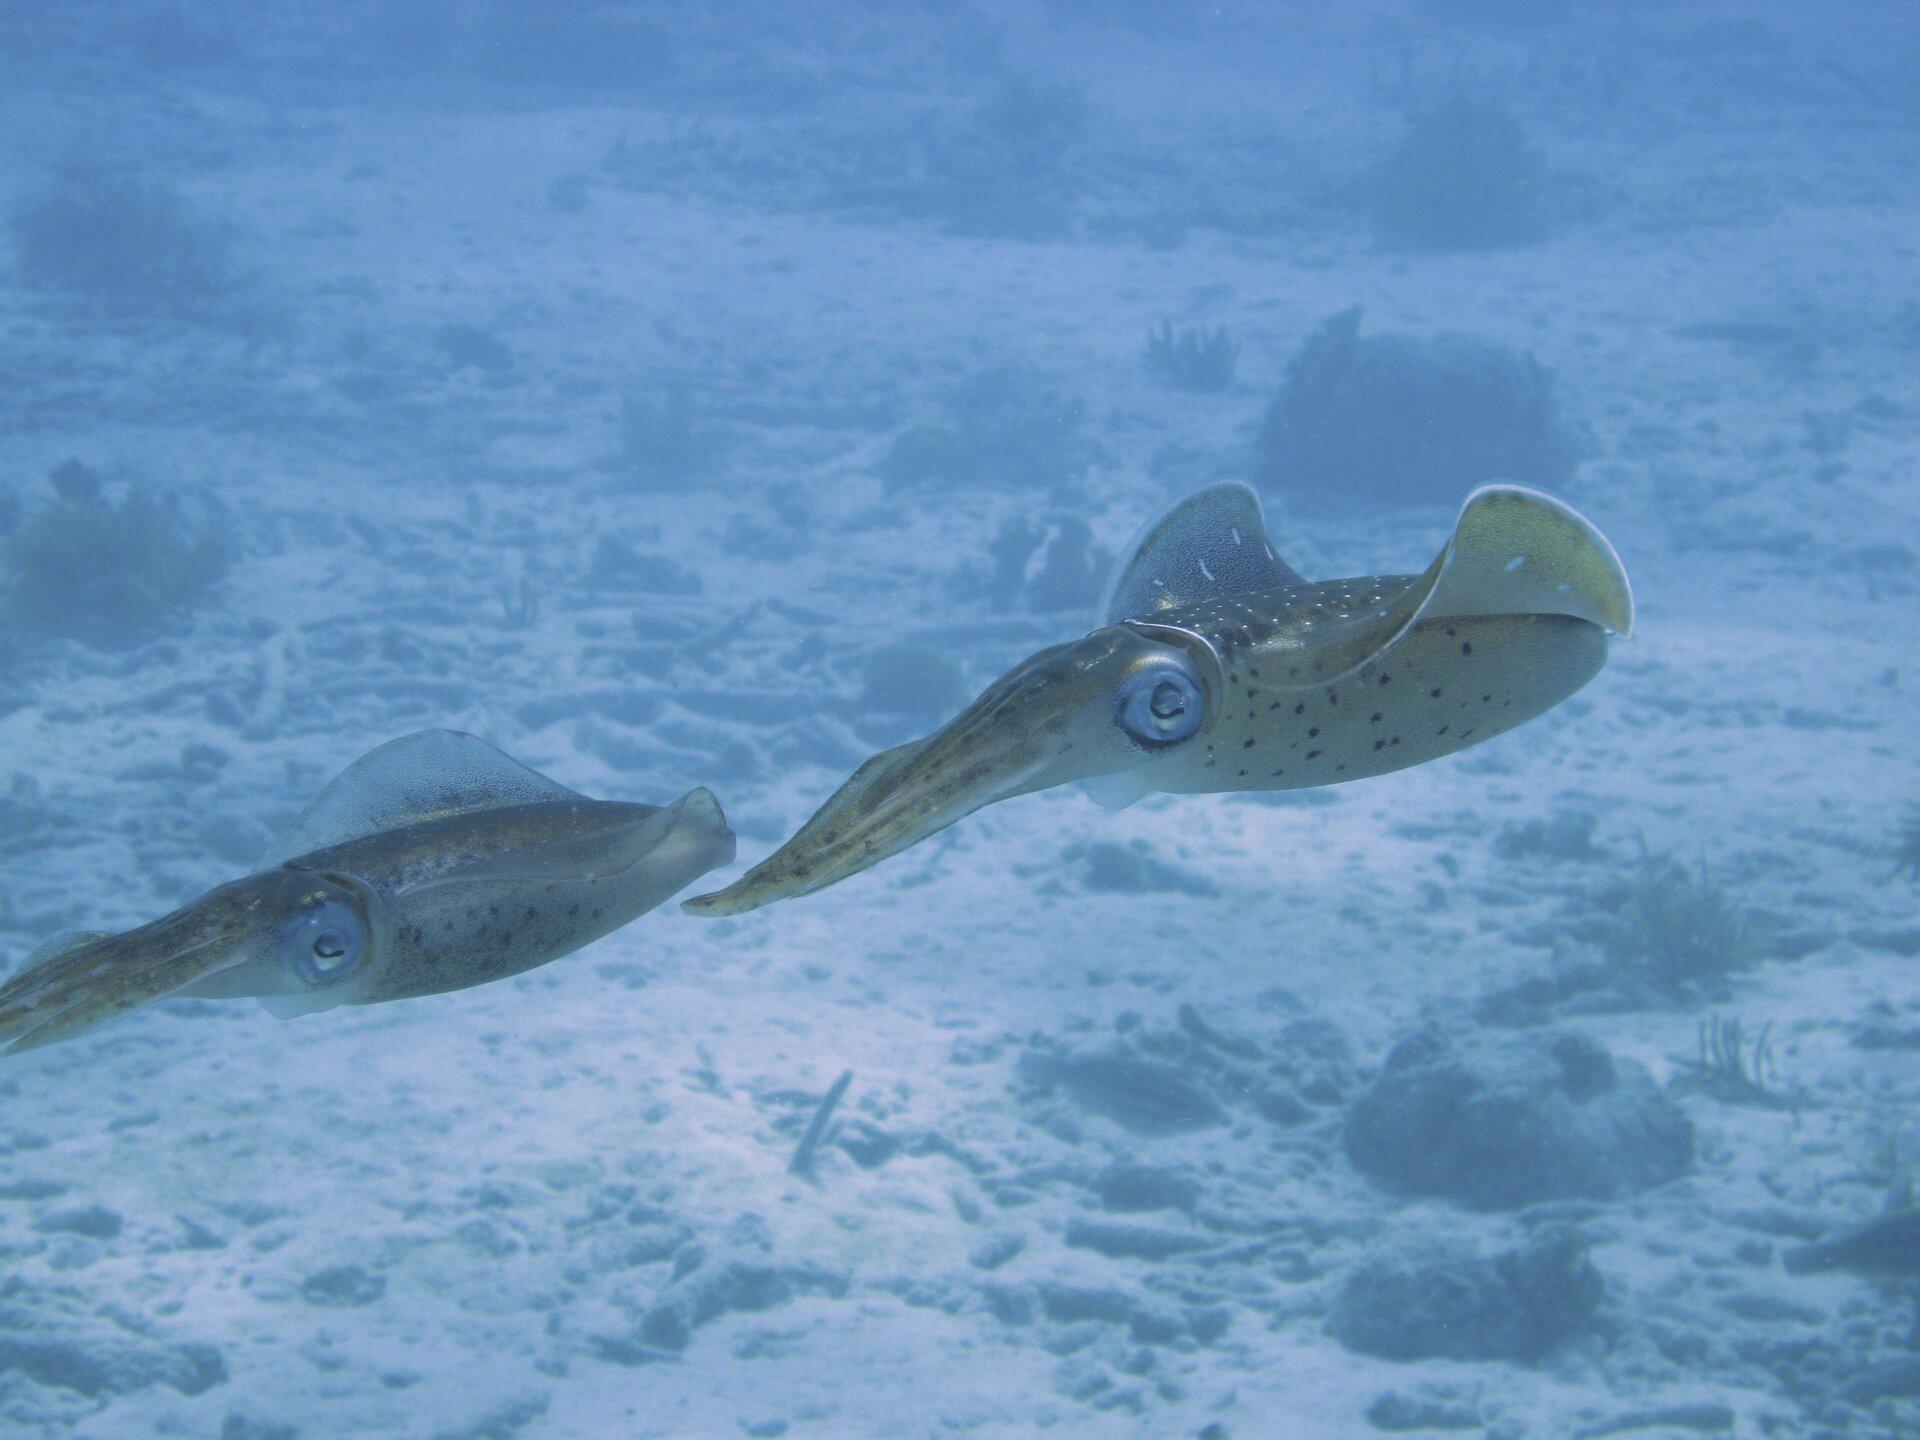 Fotografia prezentuje dwa płynące jeden za drugim głowonogi. Głowonogi mają kształt wrzecionowaty. Zprzodu ciała posiadają wieniec długich ramion zaopatrzonych wprzyssawki. Po bokach głowy olbrzymie oczy. Długi tułów zaopatrzony jest po bokach wpłetwy. Wierzch ciała jest ciemny zjasnymi plamkami, aspód jasny zciemnymi plamkami.